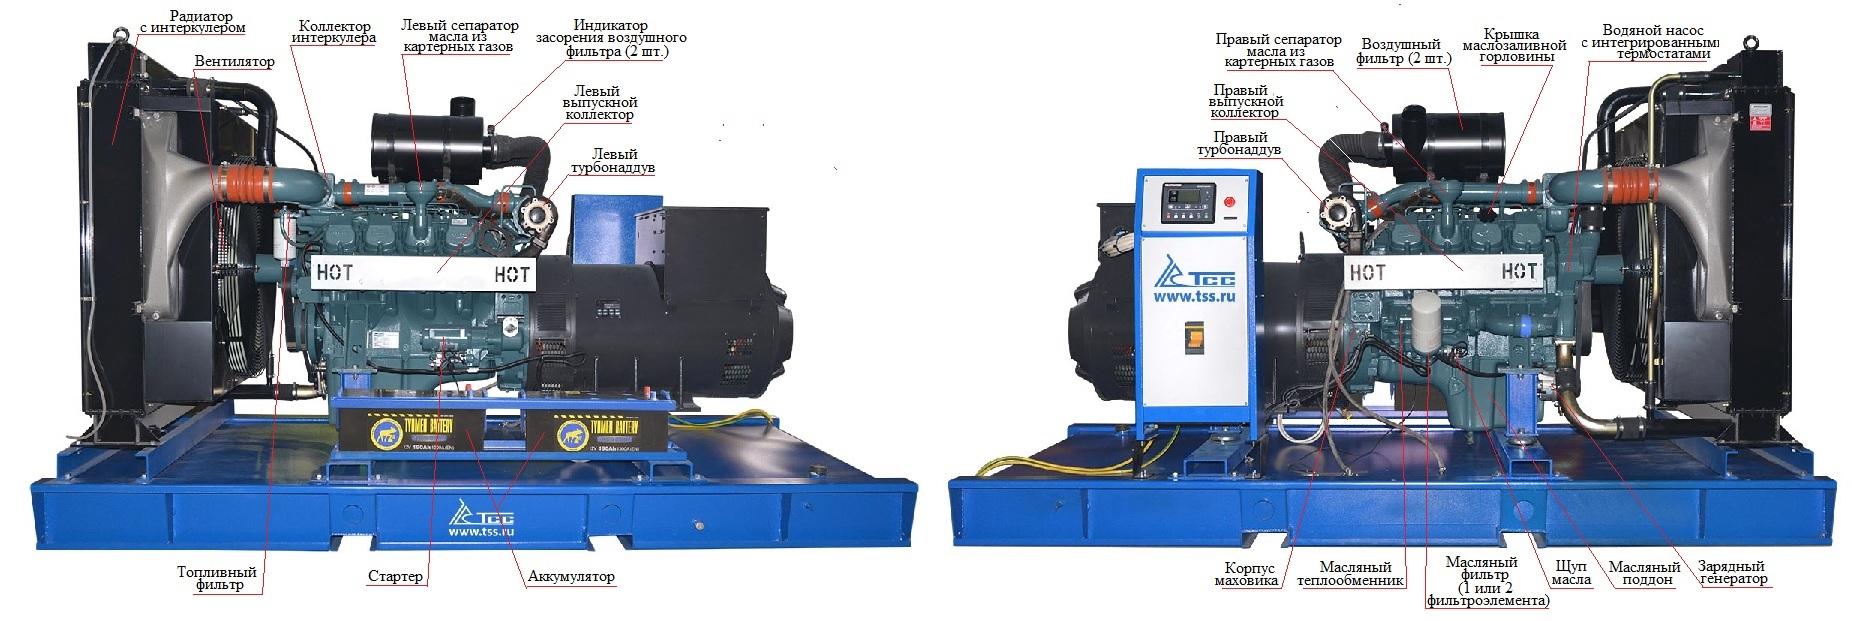 Дизельный генератор ТСС АД-320С-Т400-1РМ17 (Mecc Alte)